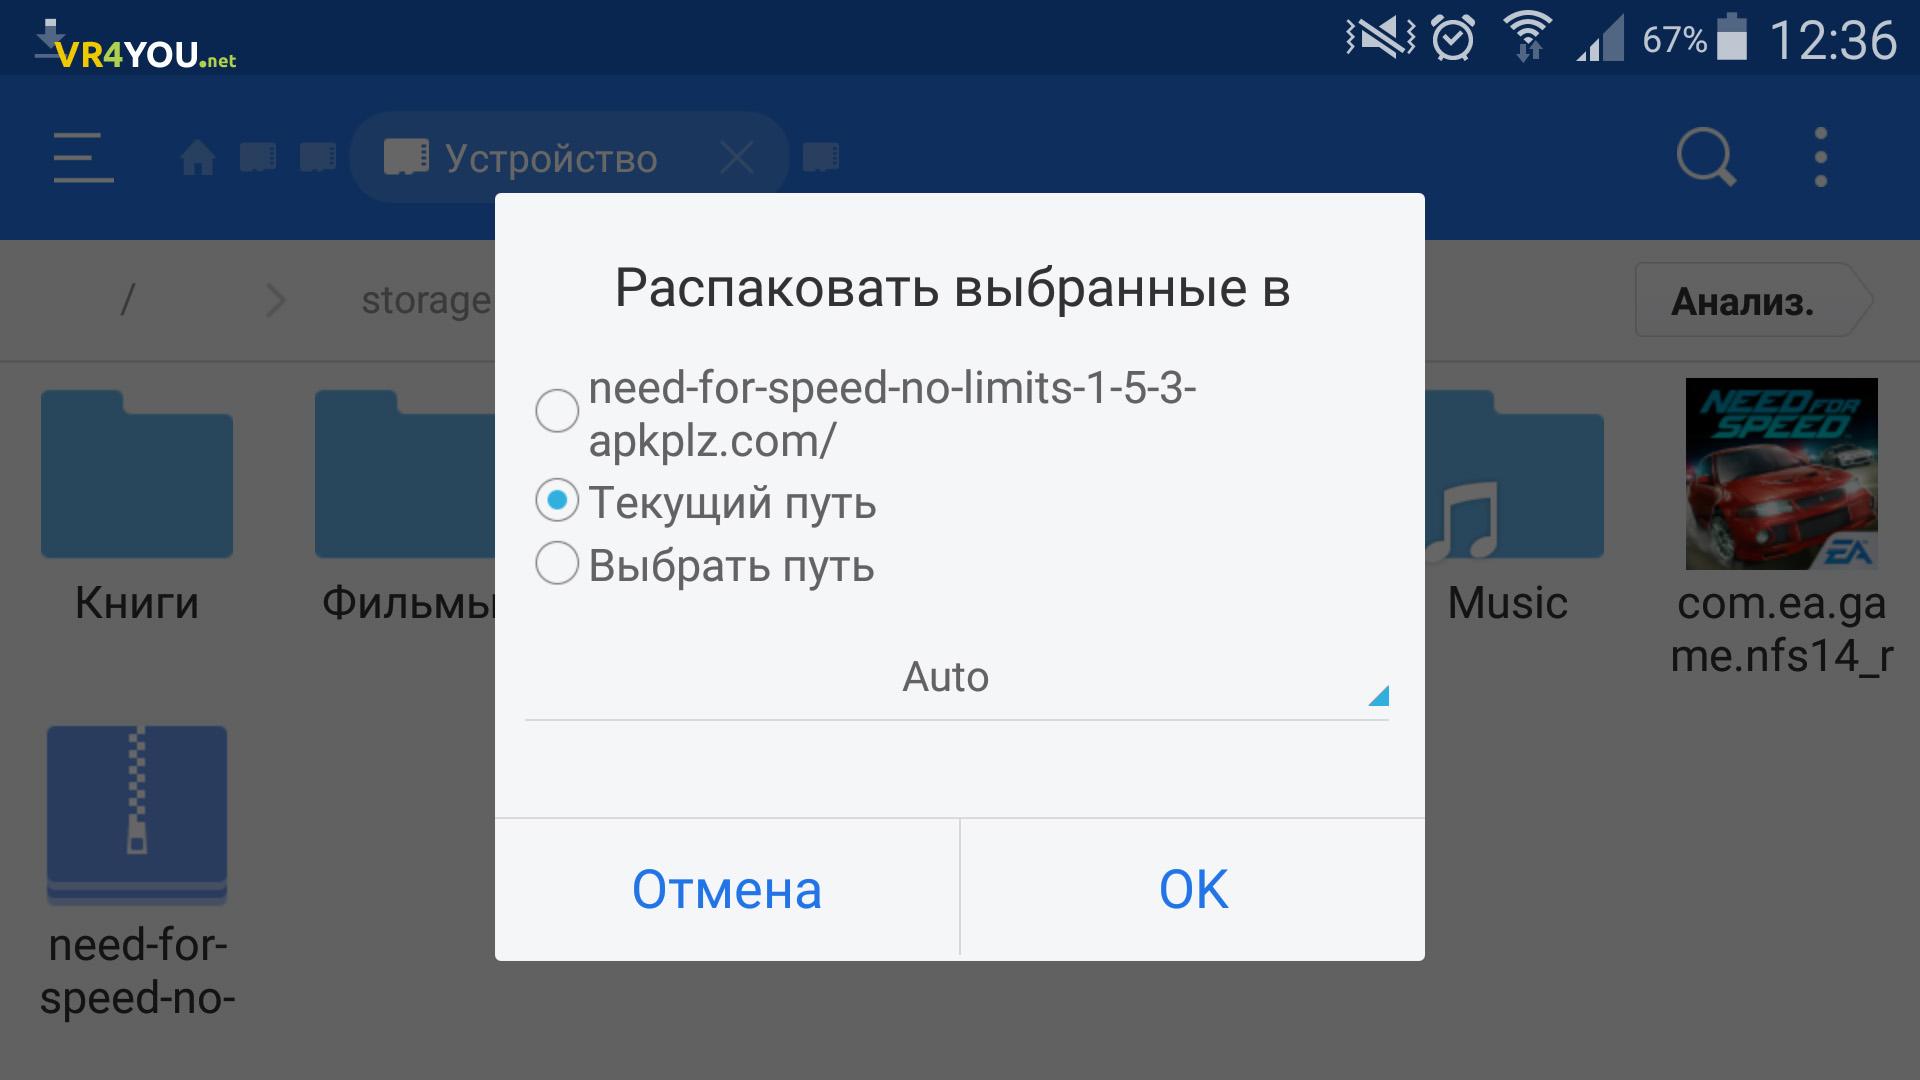 Где лежат обои в Андроид | Обзоры и отзывы об …